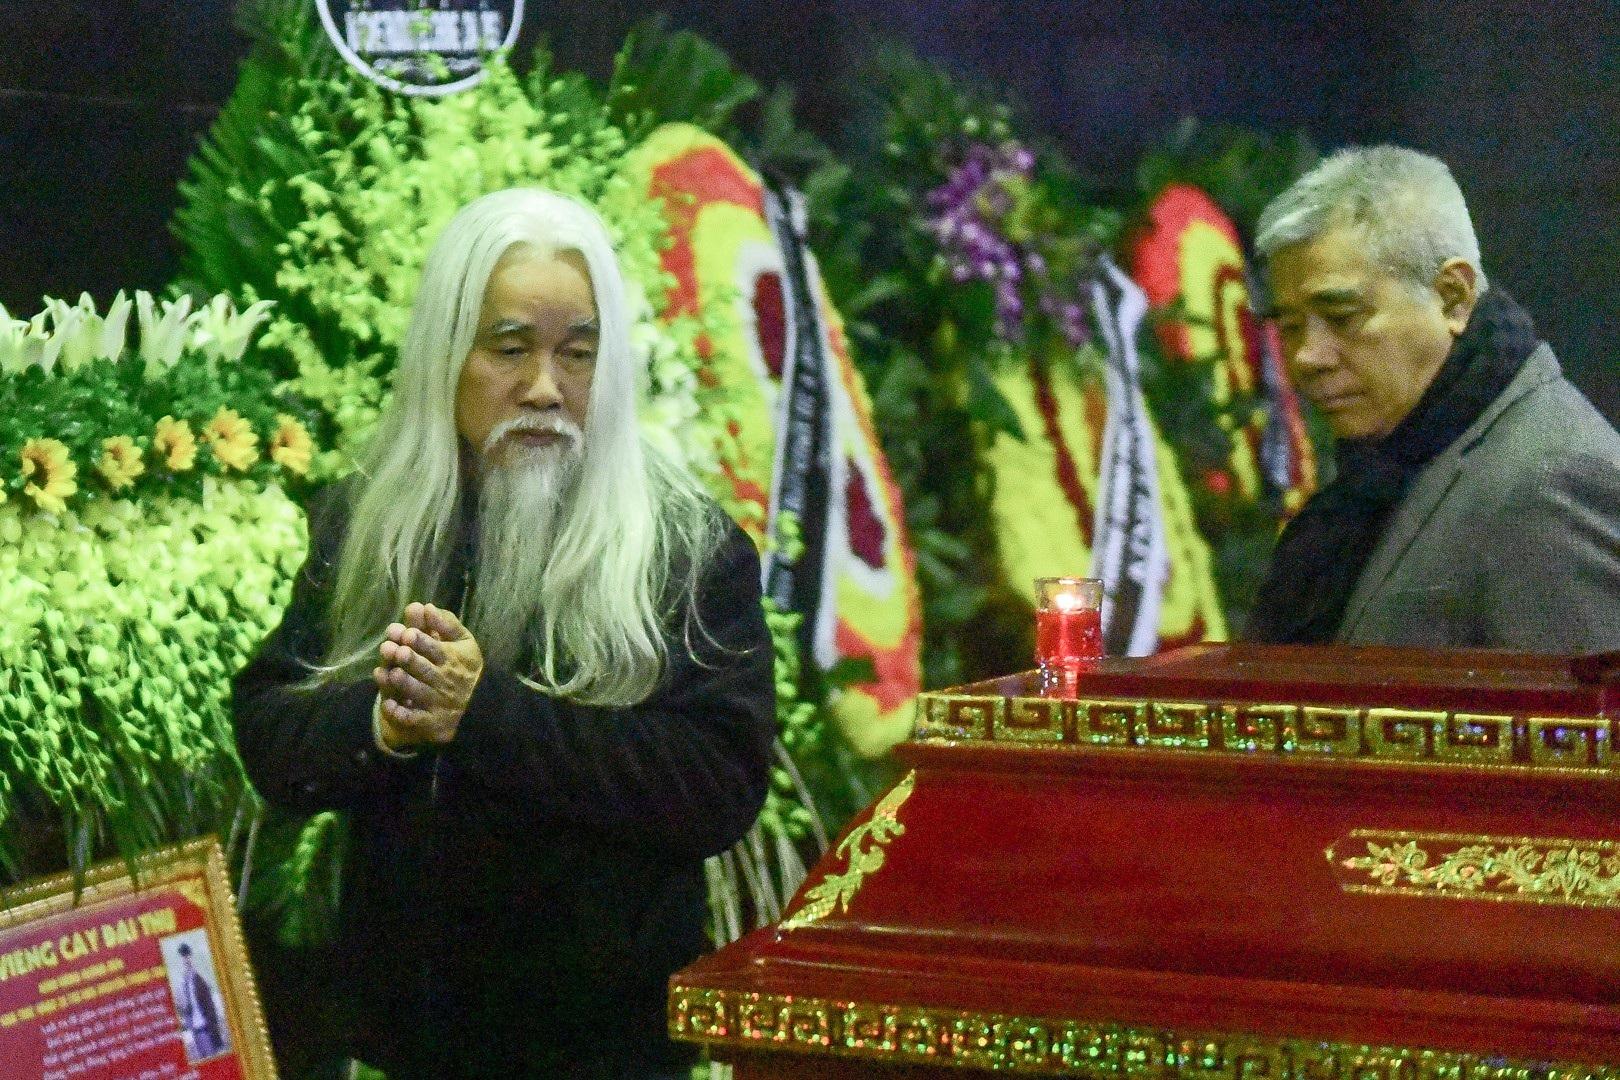 Đông đảo bạn bè, văn nghệ sĩ đến tiễn đưa nhà thơ- nhạc sĩ Nguyễn Trọng Tạo - Ảnh 13.